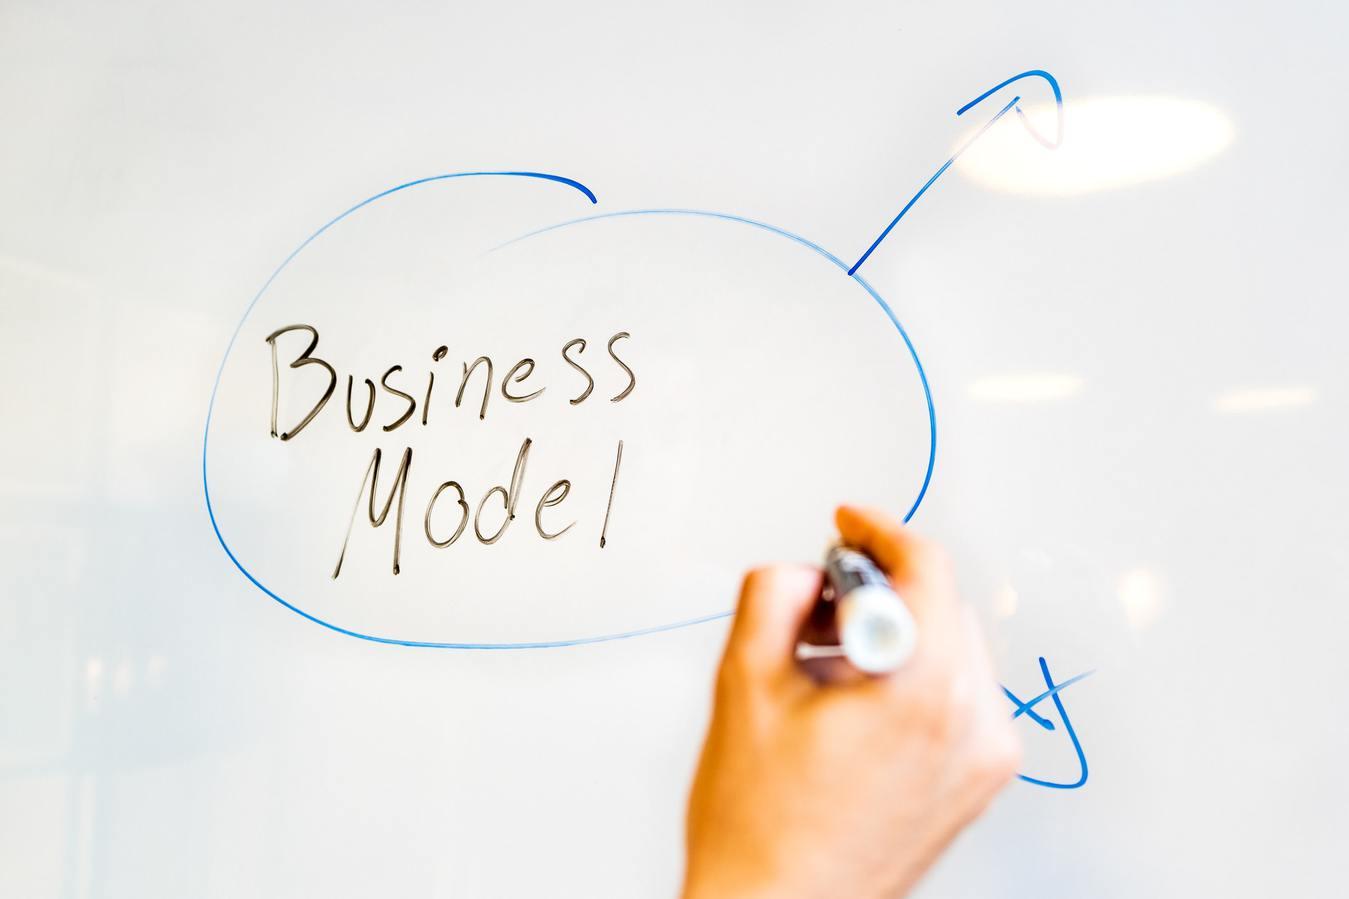 người cầm bút vẽ trên bảng mô hình kinh doanh